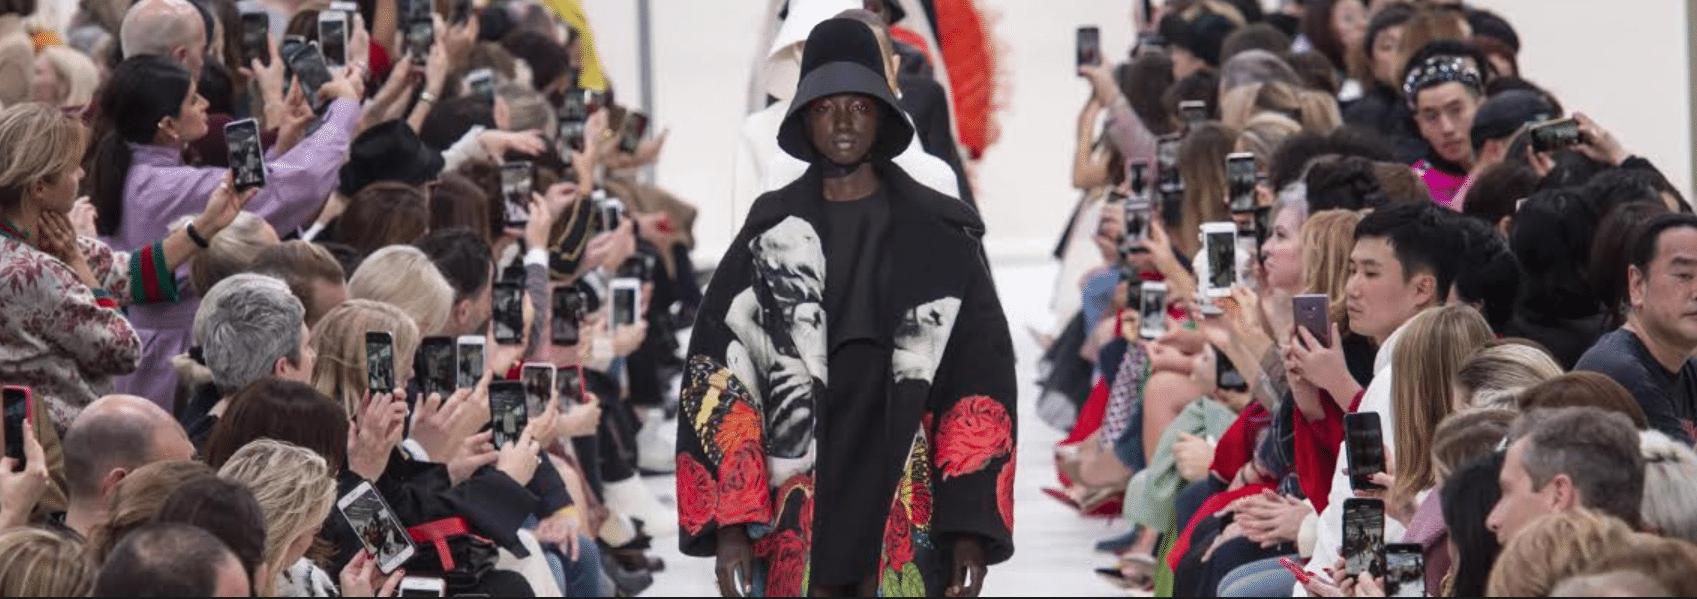 imagem de modelos vestindo sobretudo preto estampado com flores e usando um chapéu preto